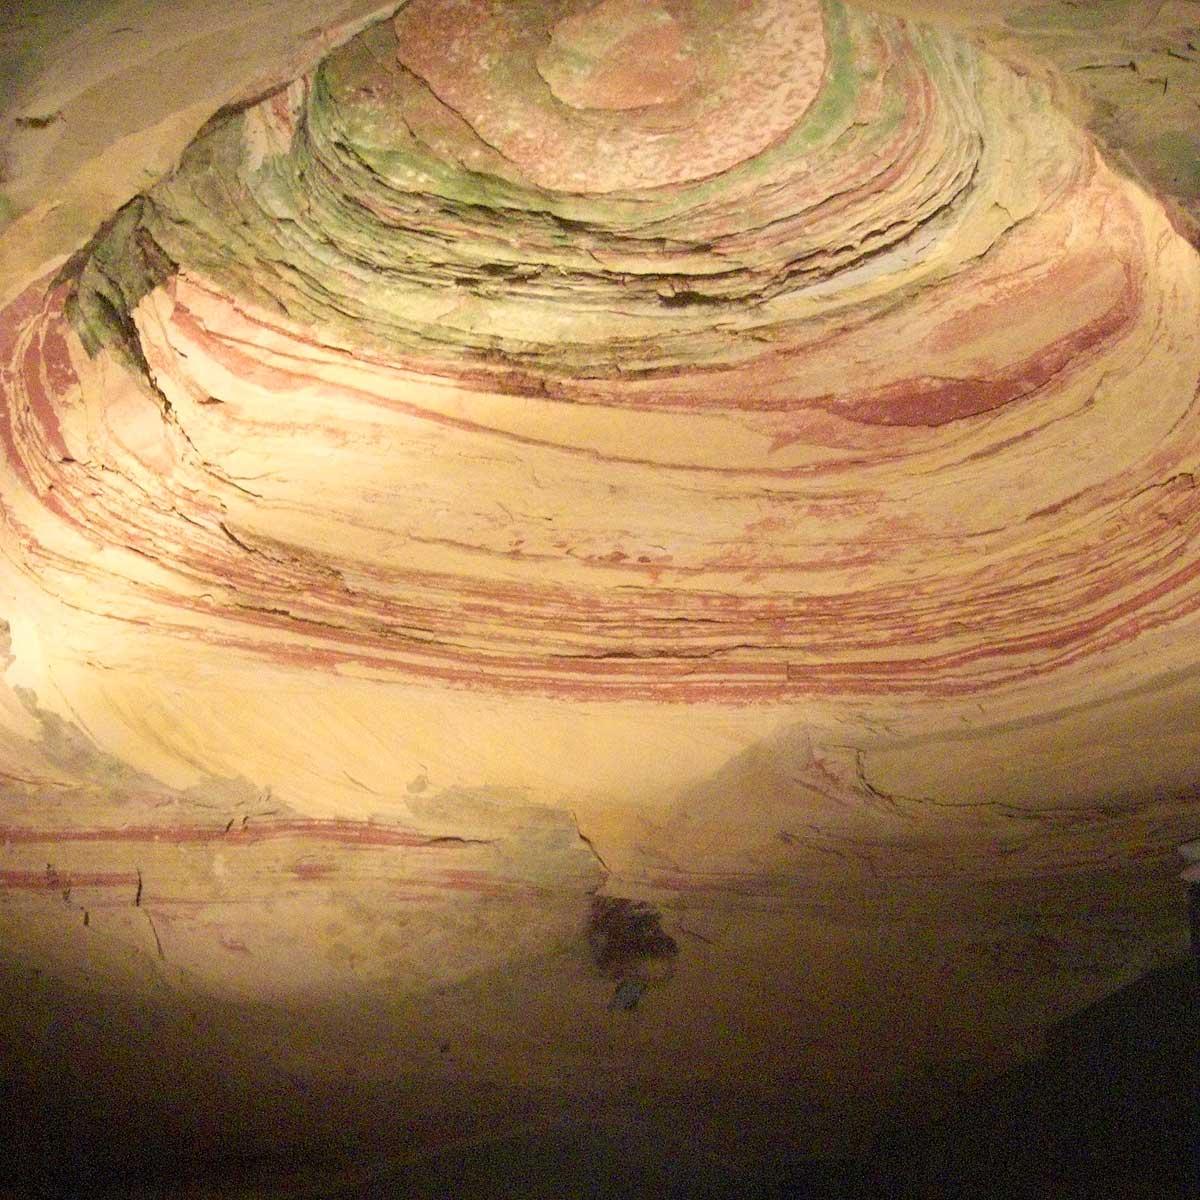 Kuppelsaal mit Buntsandstein in der Schlossberghöhle in Homburg